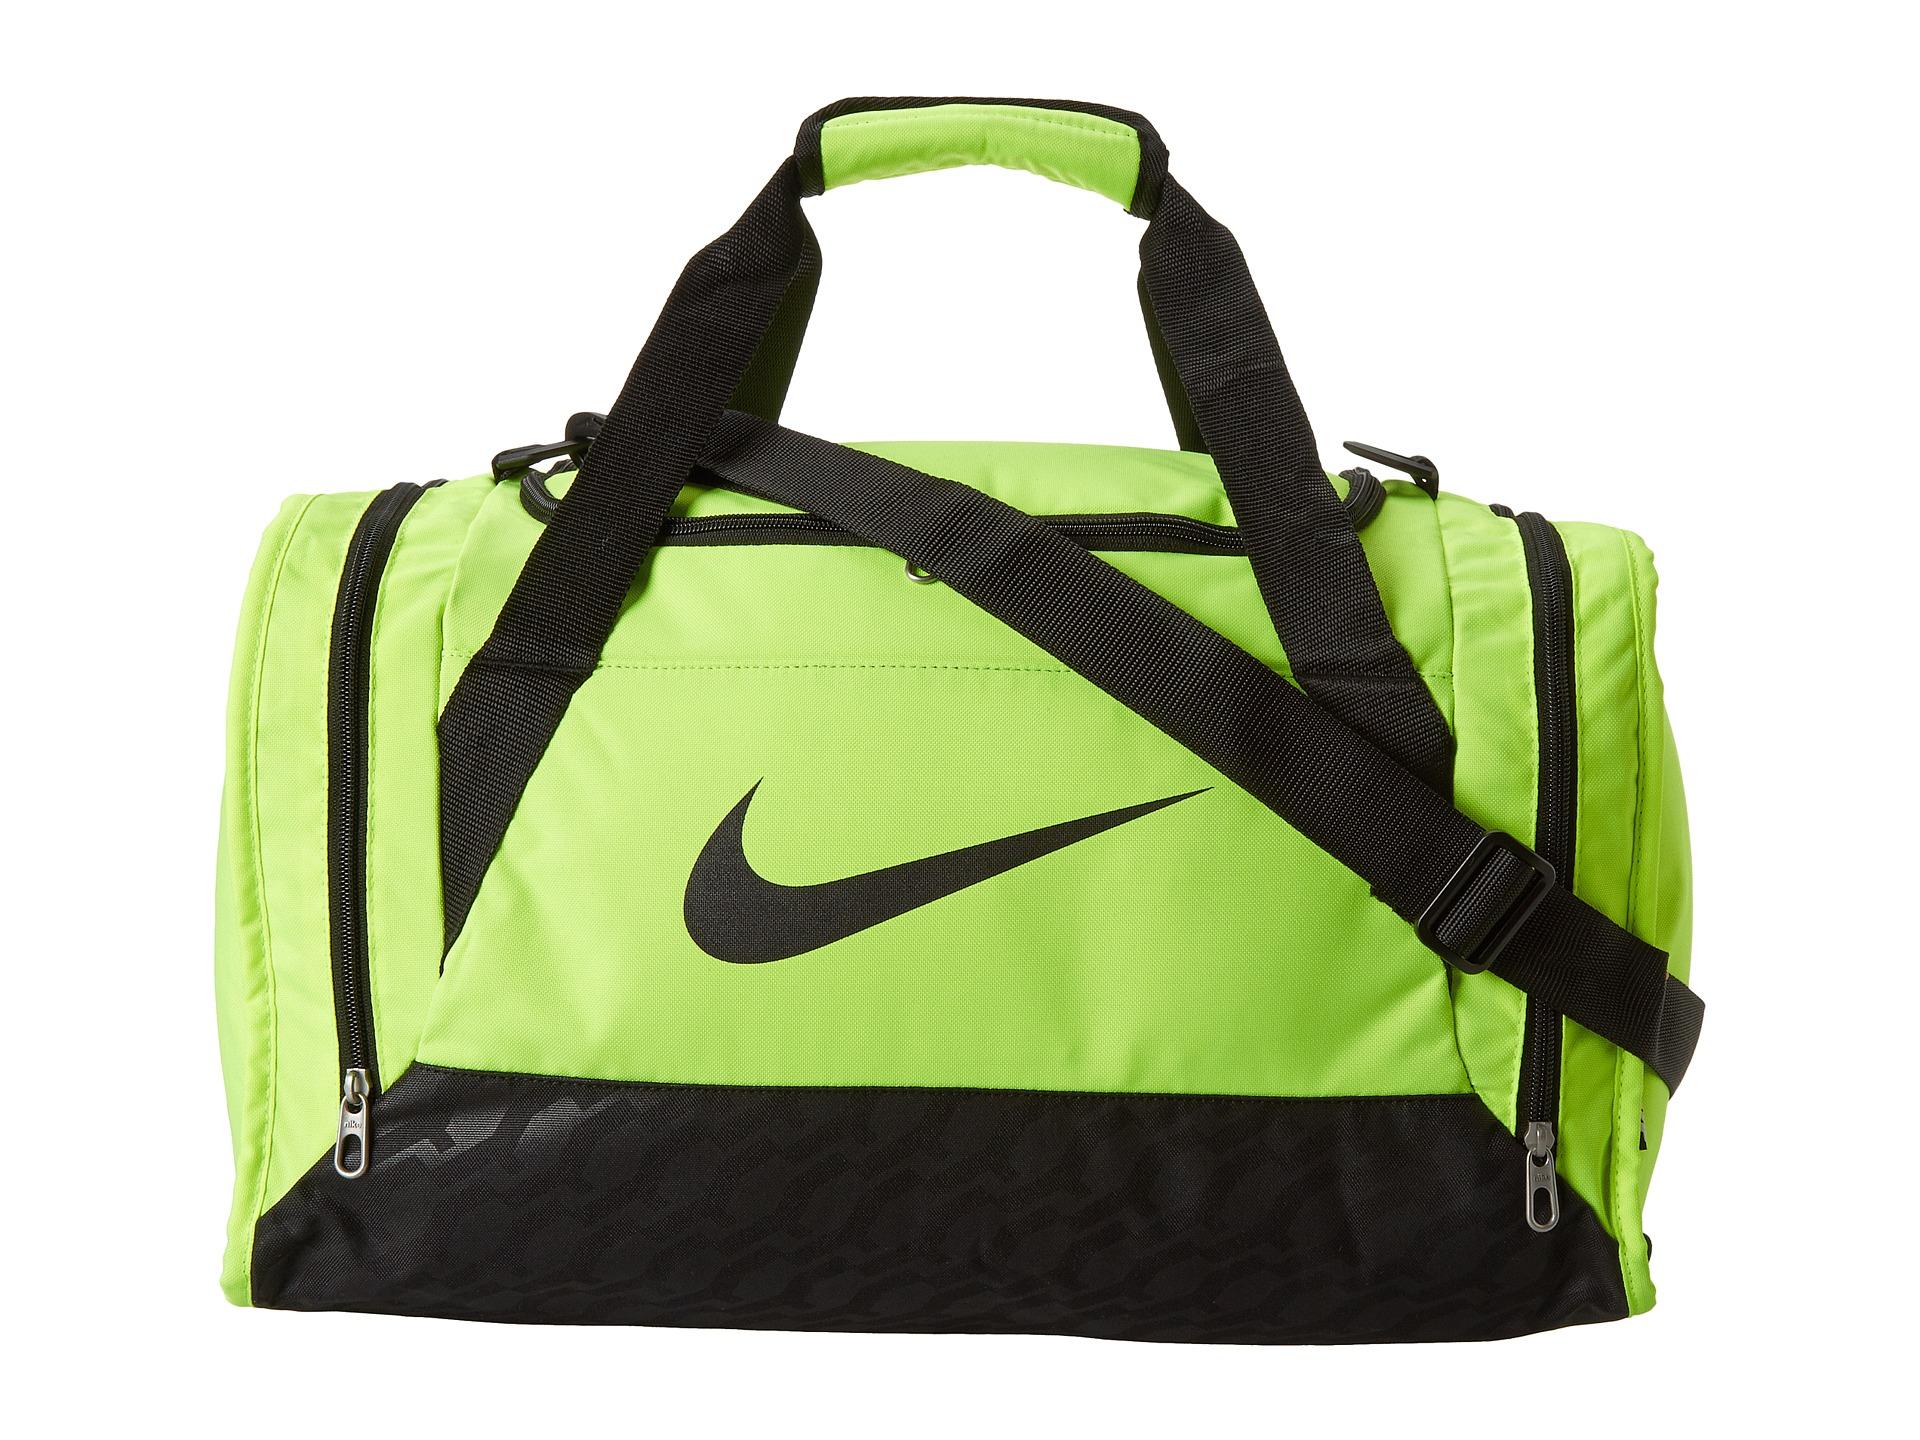 Lyst - Nike Brasilia 6 Small Duffel in Green 63feef5f2a3f7